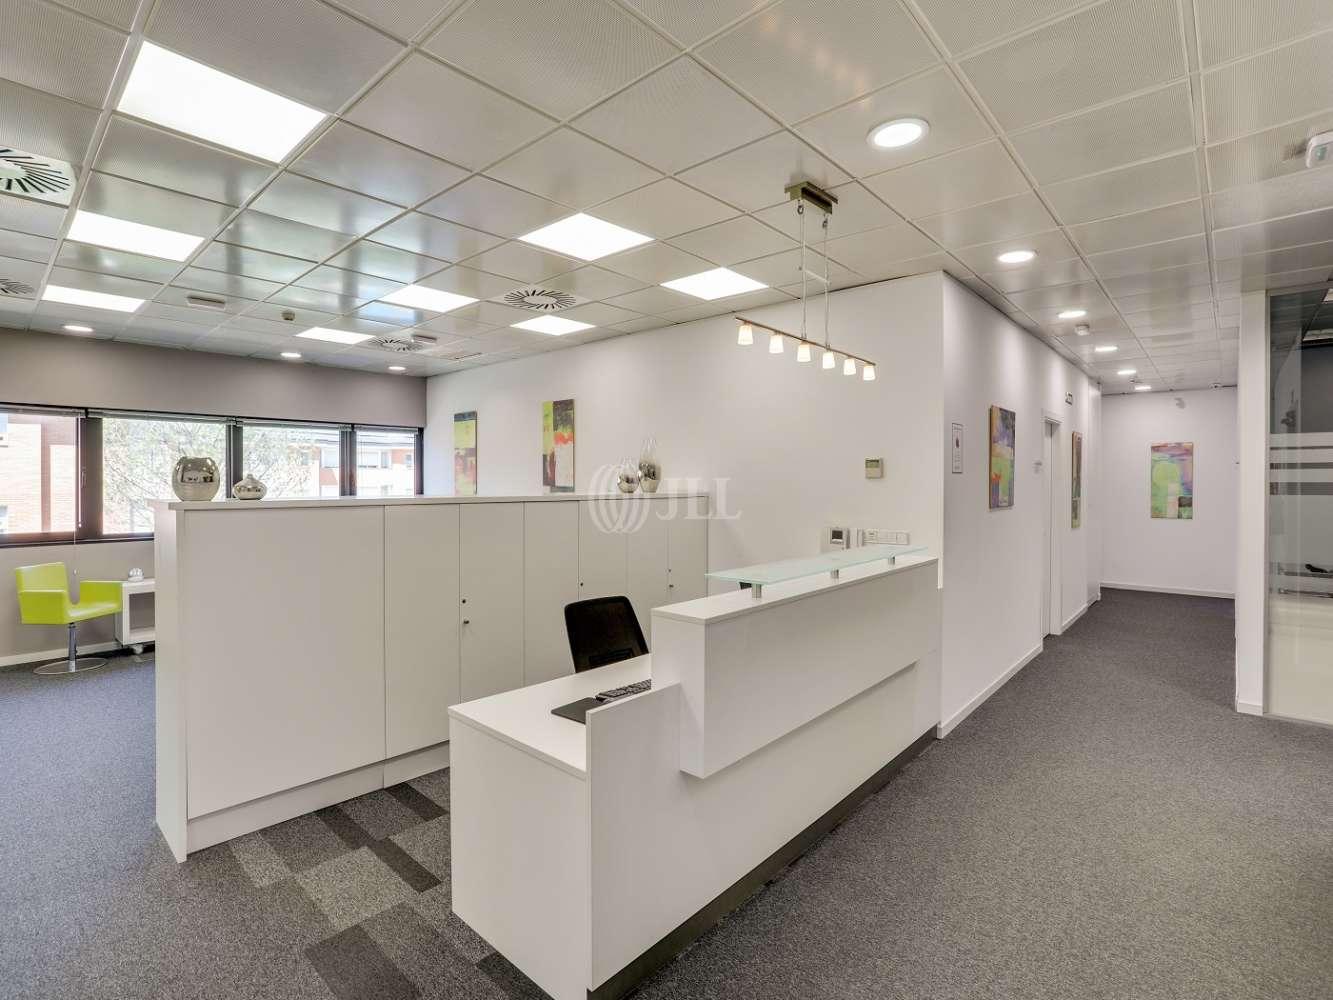 Oficina Las rozas de madrid, 28232 - Coworking - Las Rozas - 20142